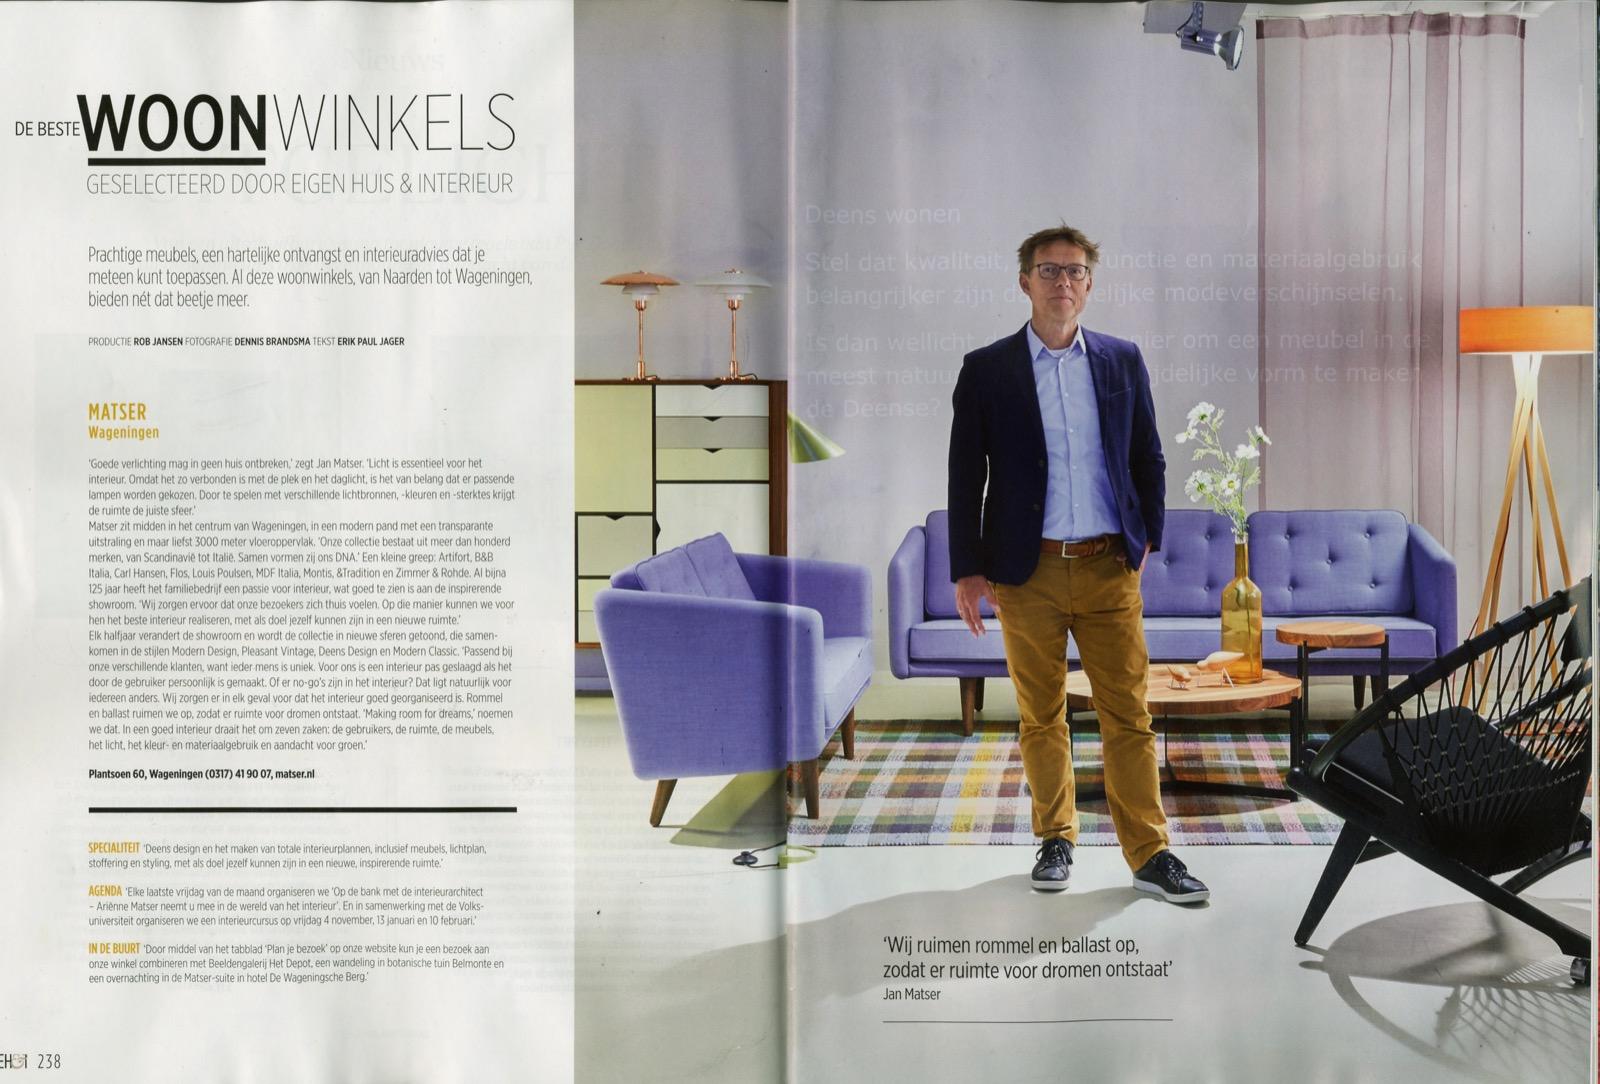 Matser | De beste Woonwinkels, geselecteerd door Eigenhuis & Interieur